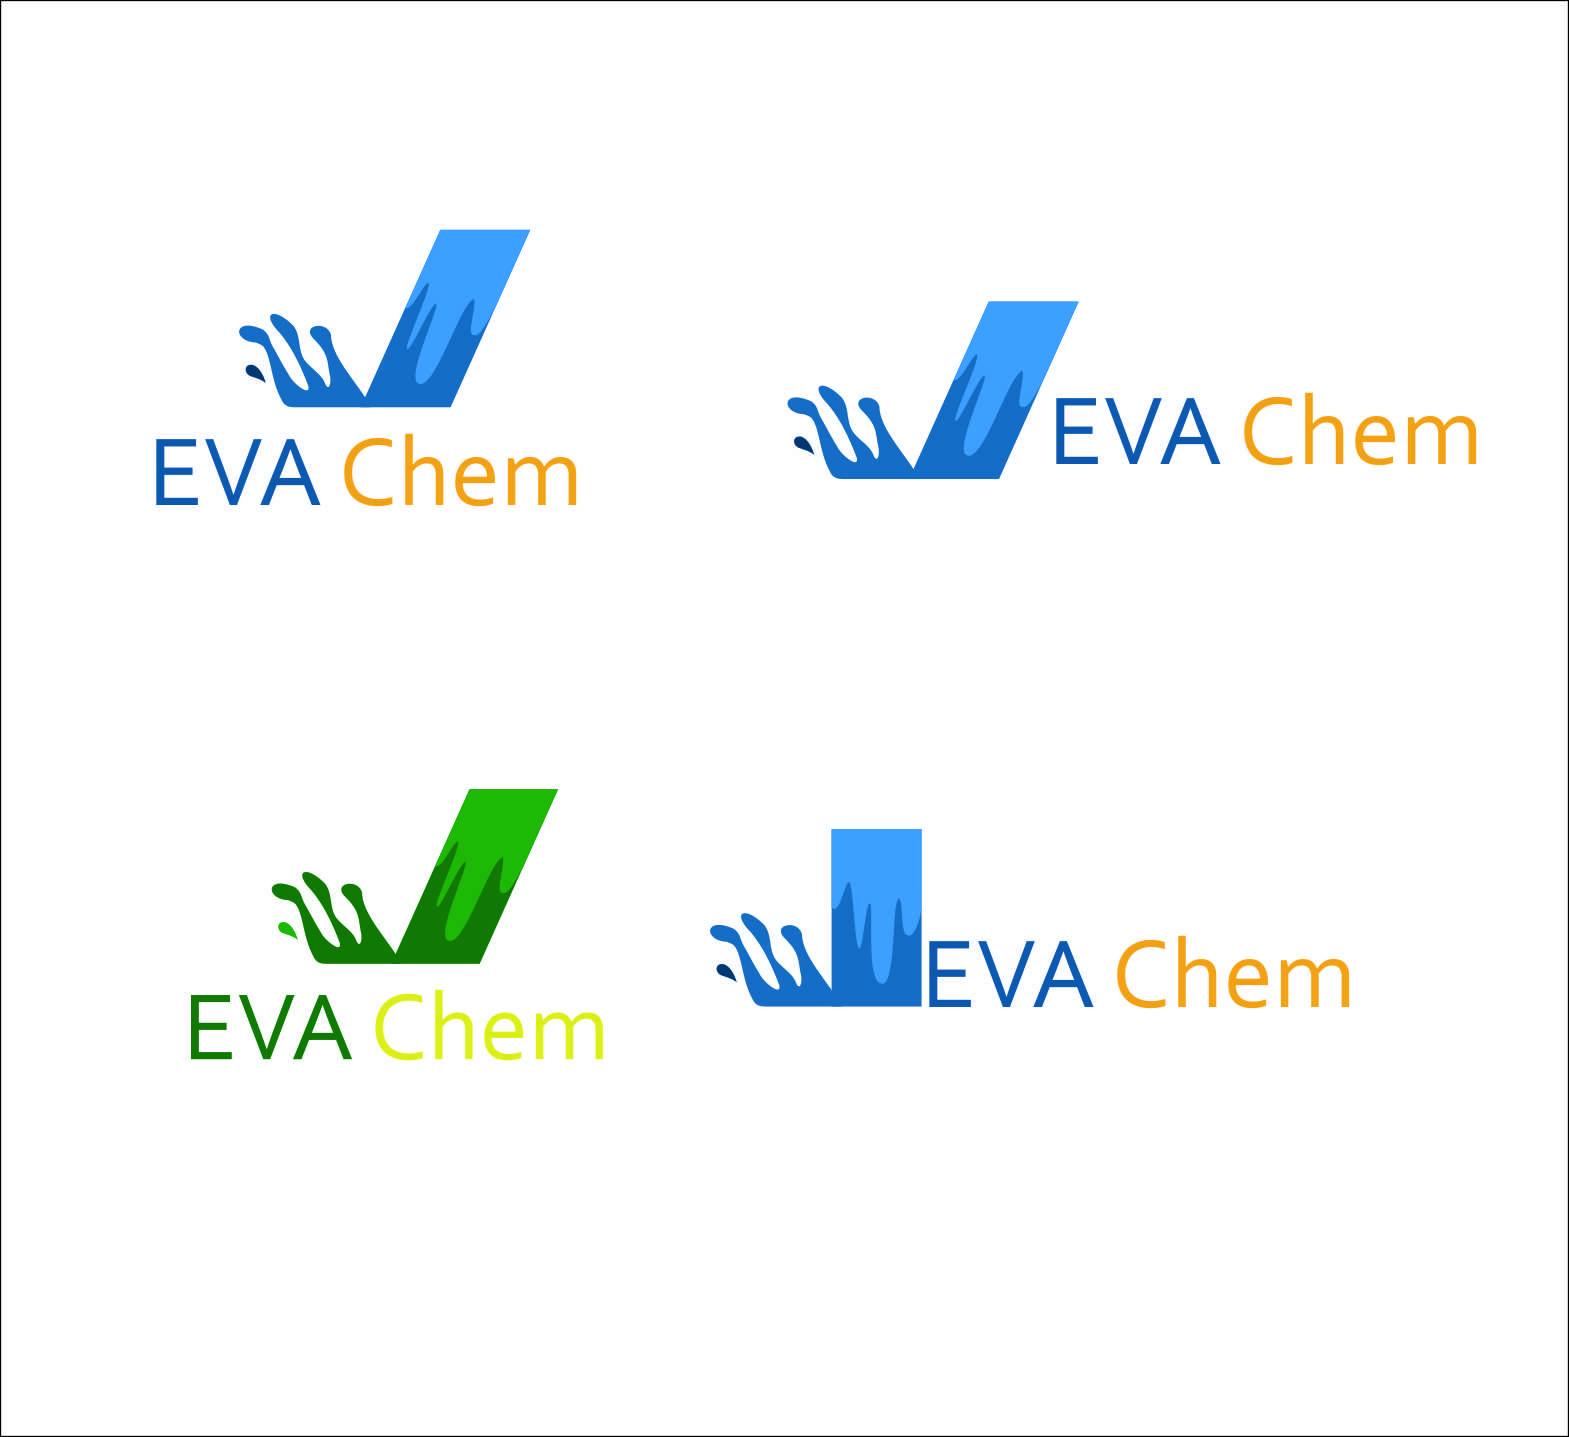 Разработка логотипа и фирменного стиля компании фото f_645571e42245dfce.jpg